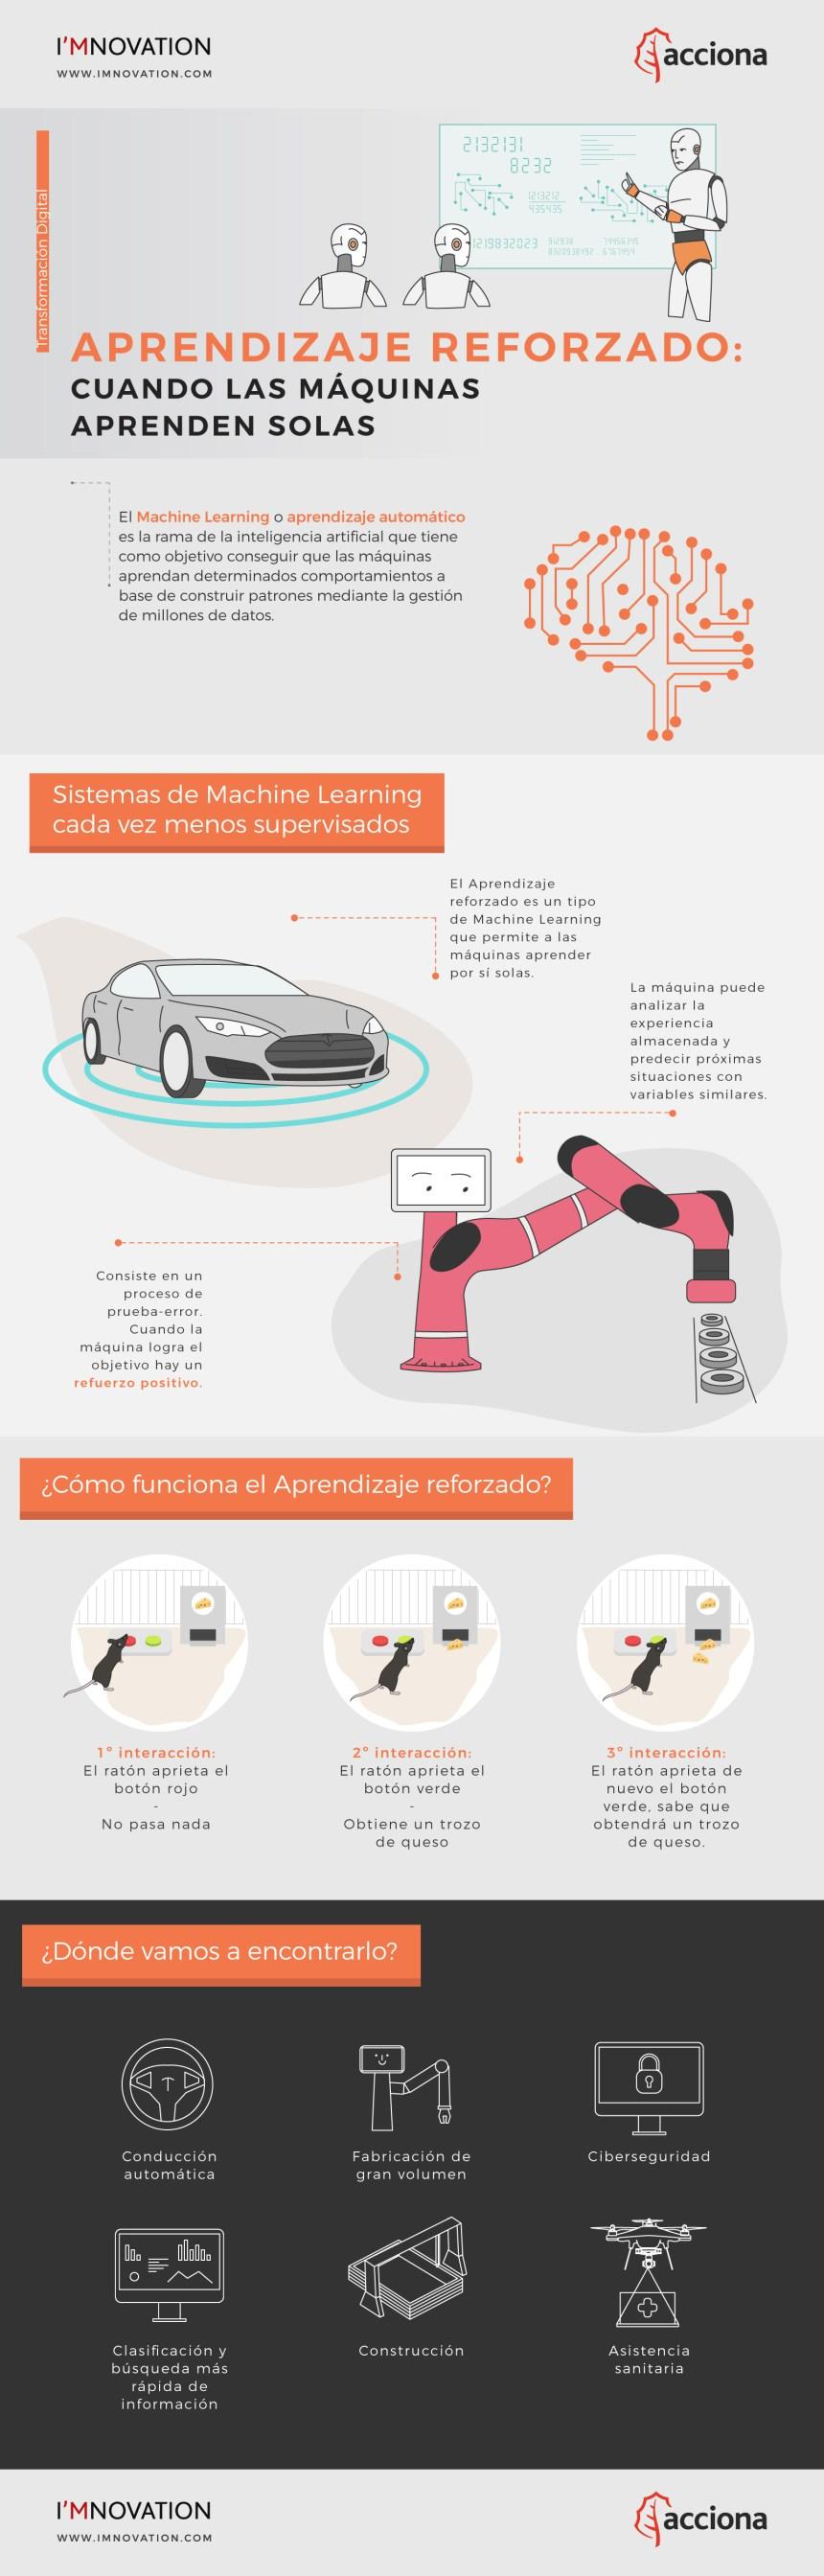 Aprendizaje reforzado: cuando las máquinas aprenden solas #infografia #machinelearning